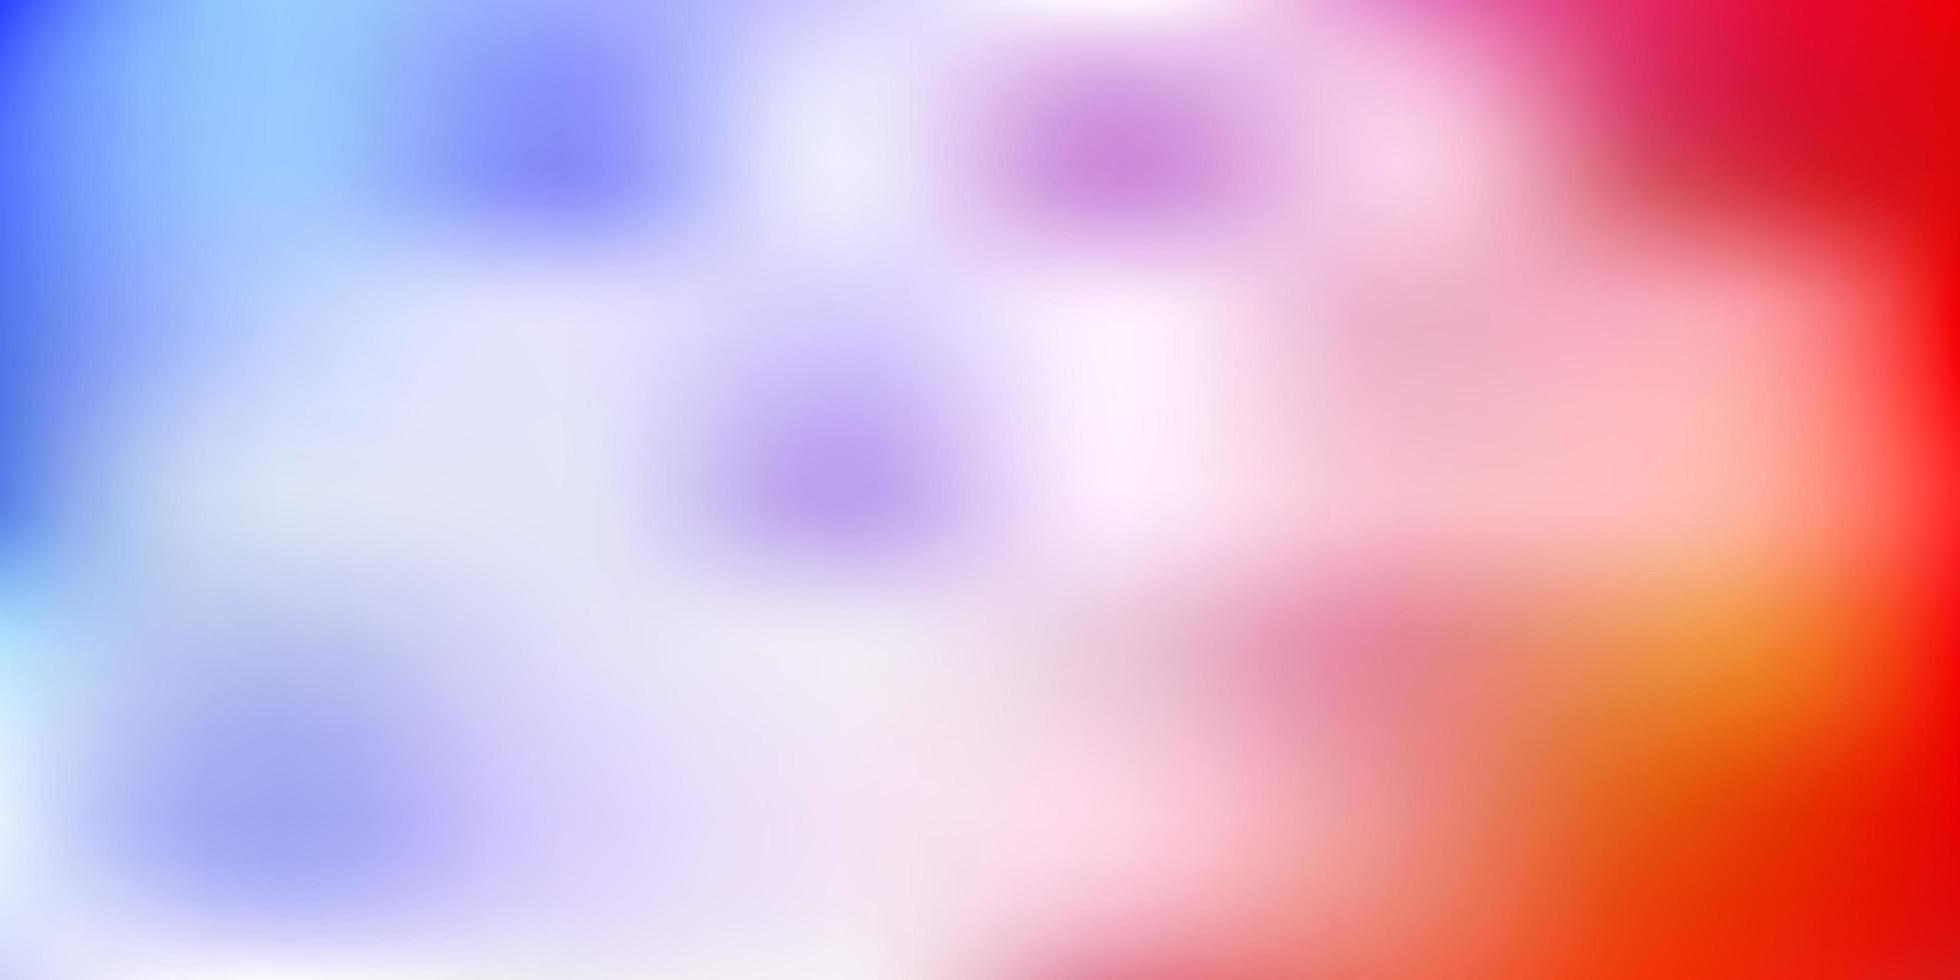 hellblaues, rotes Vektorunschärfemuster vektor